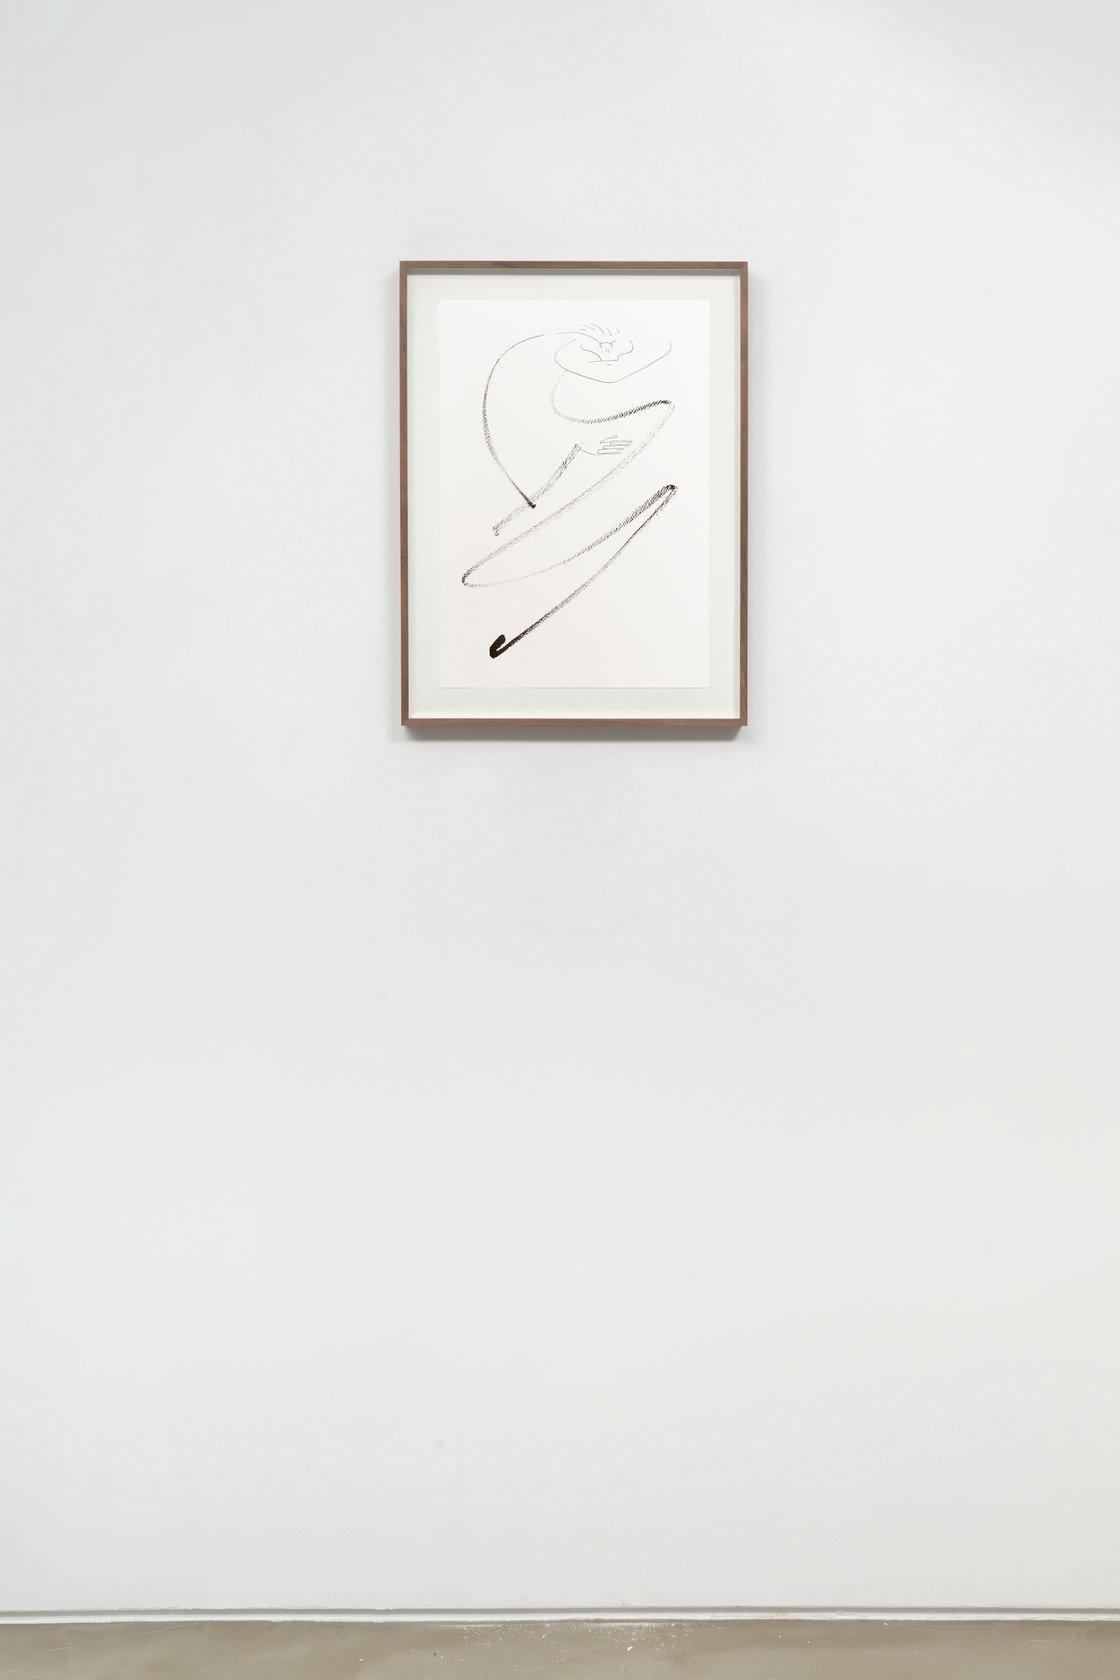 Abraham Cruzvillegas, Autoportrait avec pouce opposable LIV, 2020